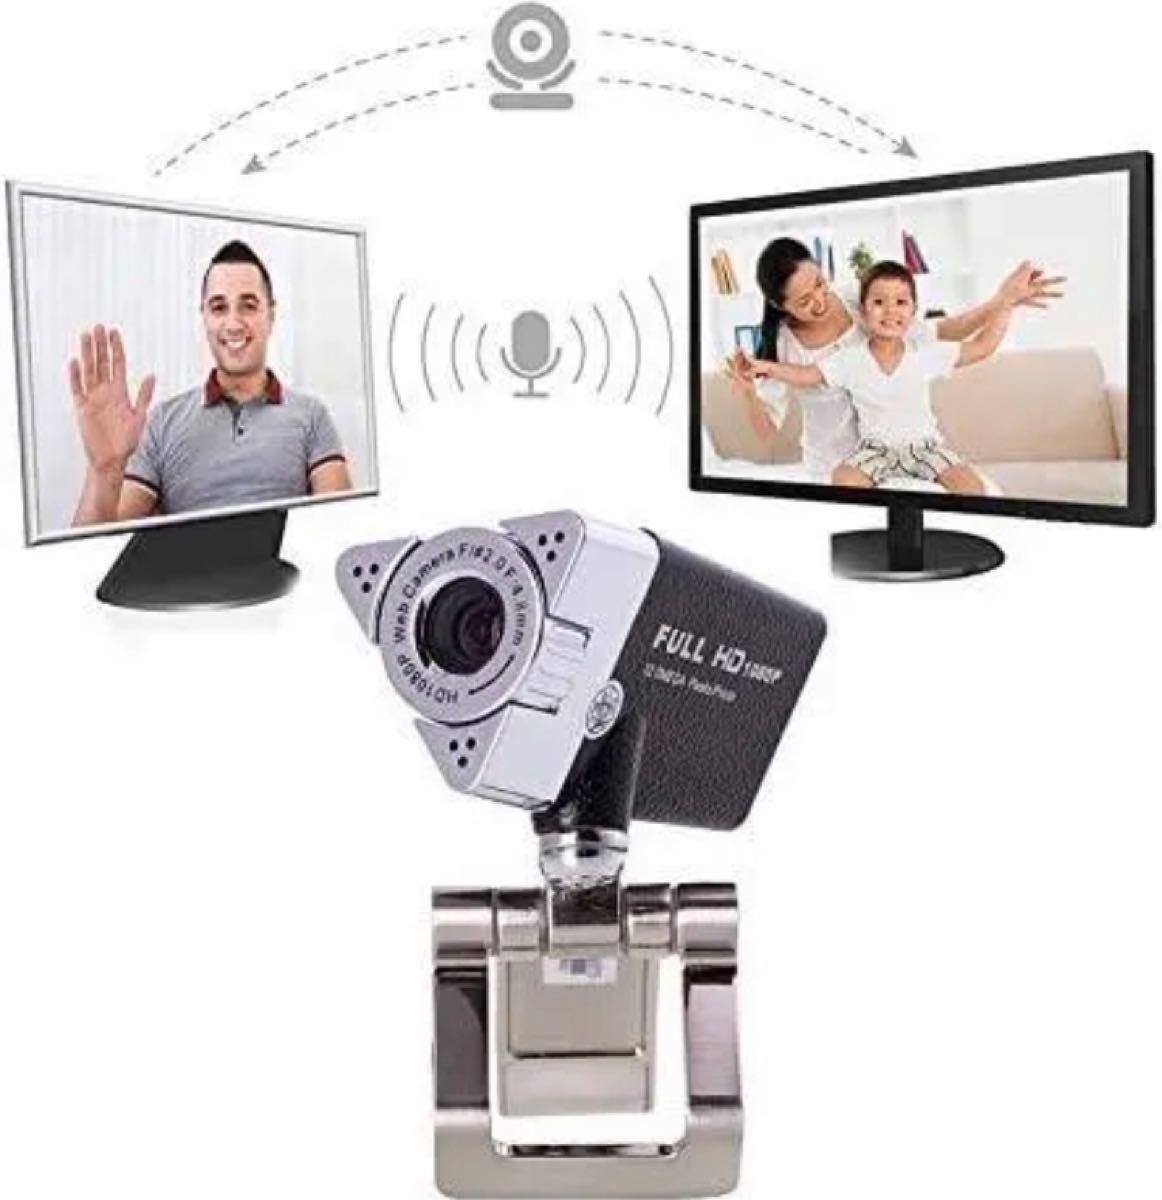 ウェブカメラ webカメラ HD 1080P テレワーク PCカメラ マイク内蔵